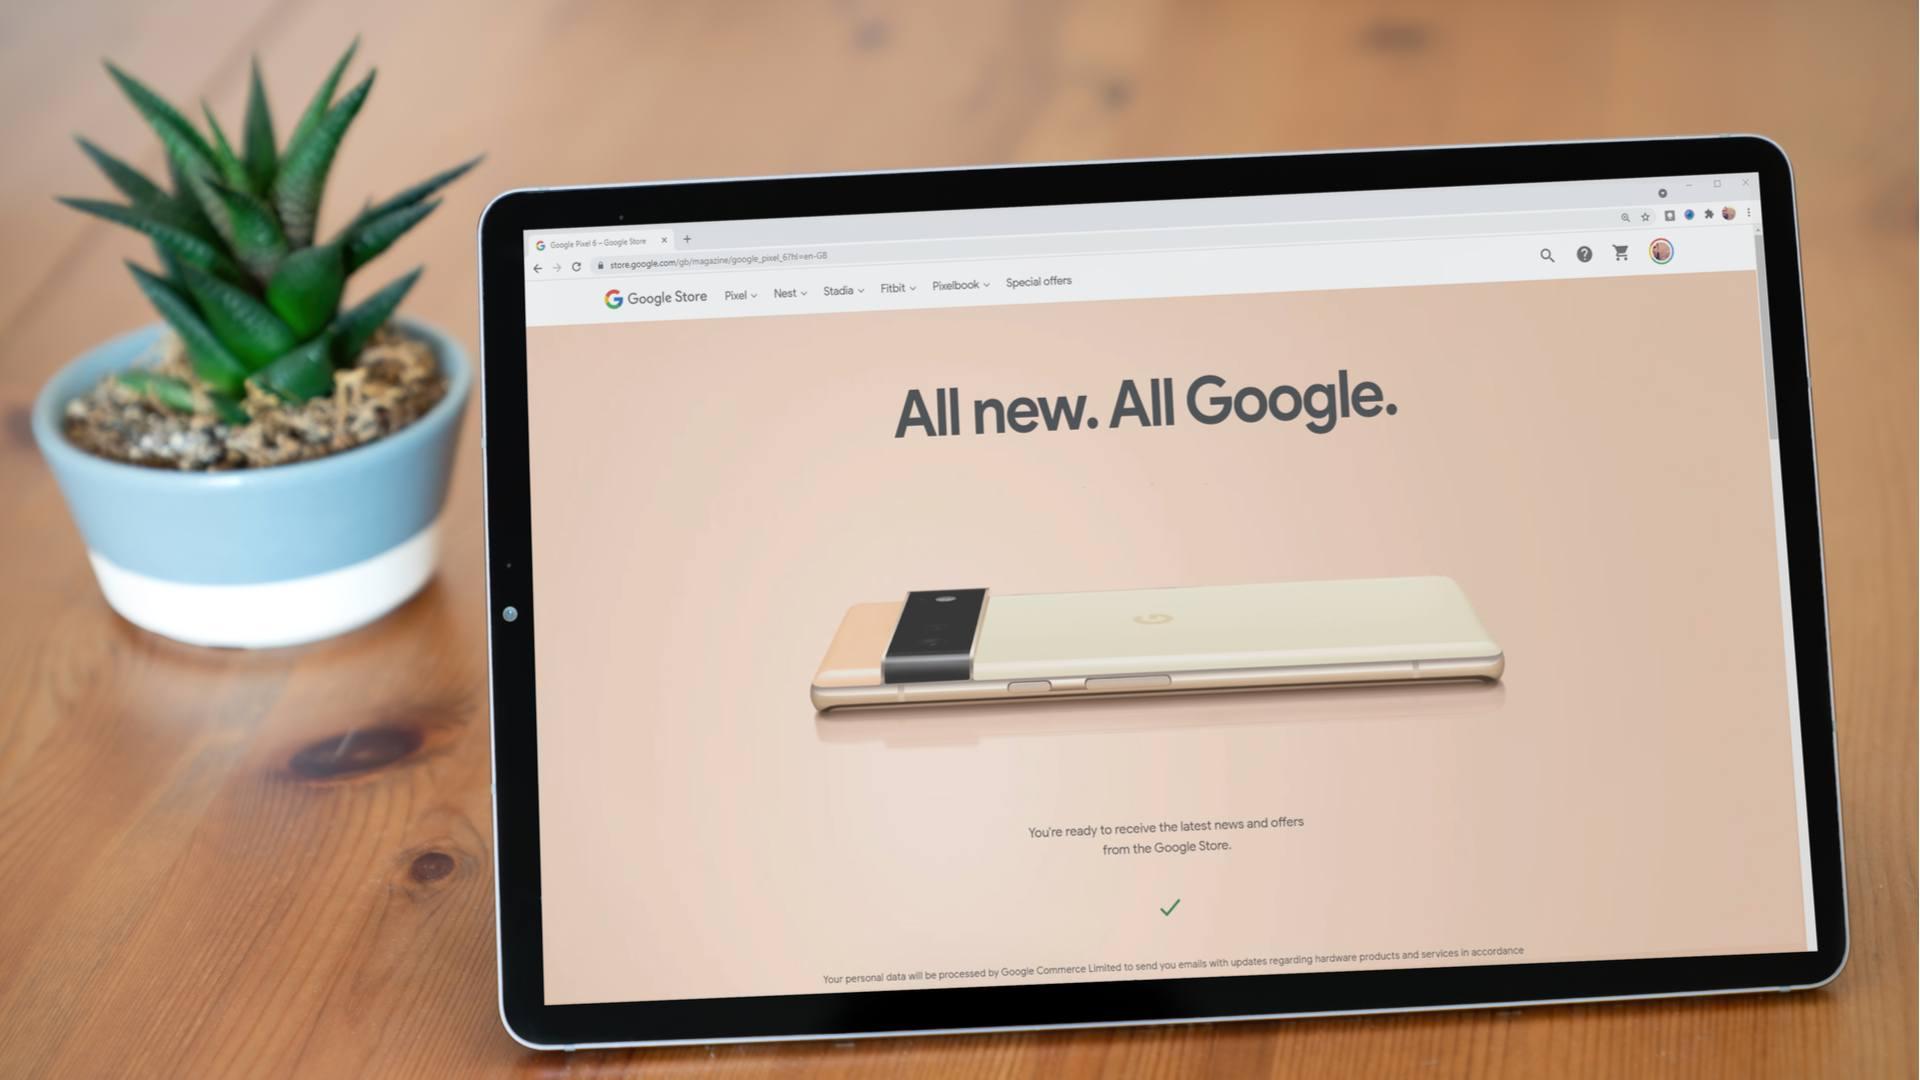 Tablet com imagem do novo Google Pixel 6 em cima de mesa ao lado de vaso de planta